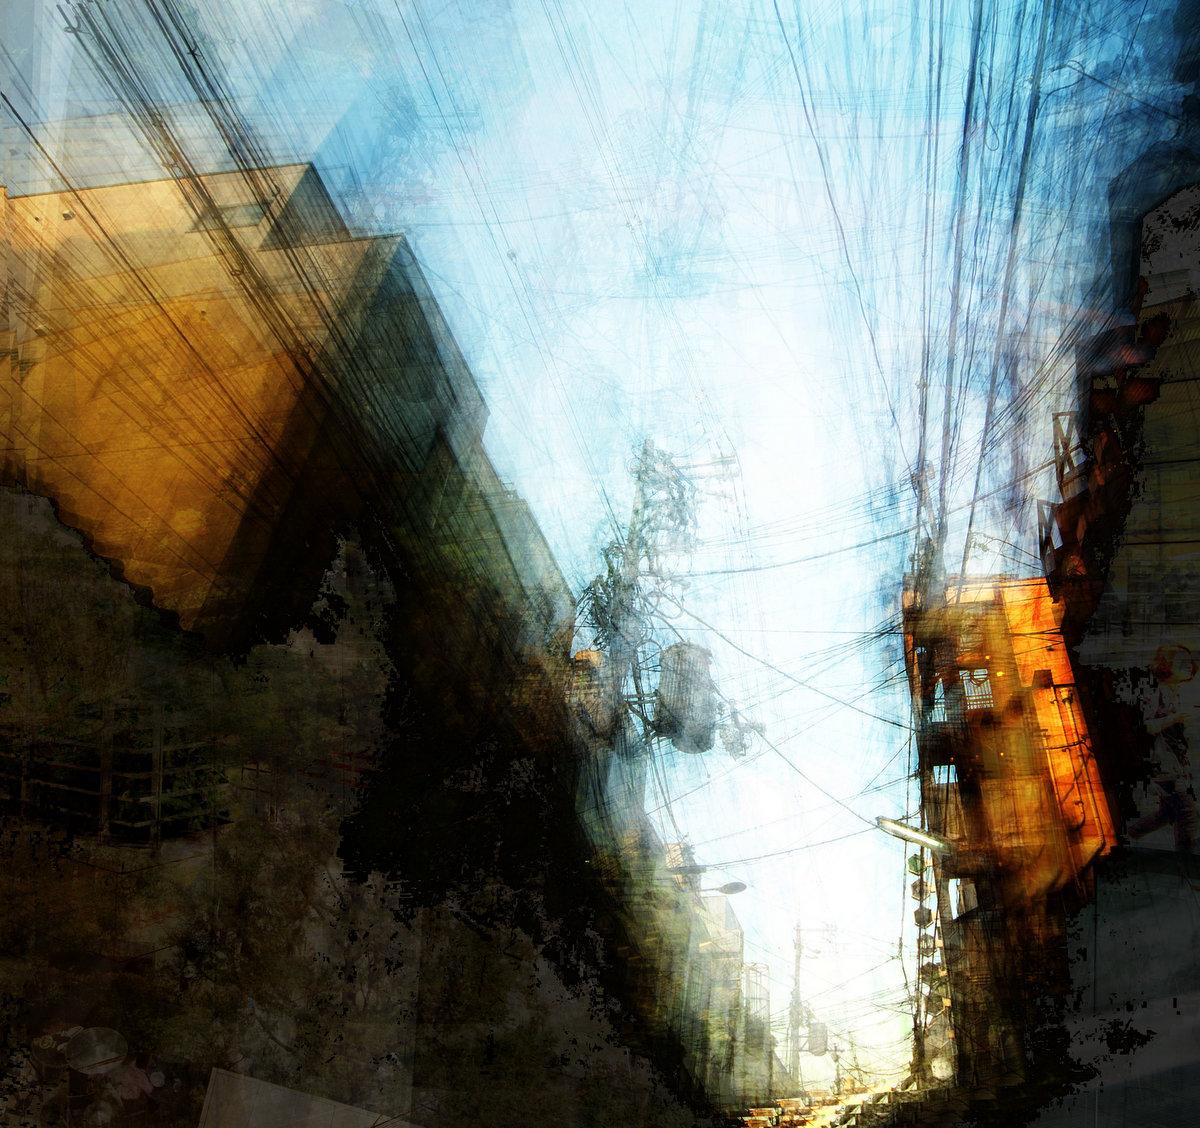 Power lines extravaganza